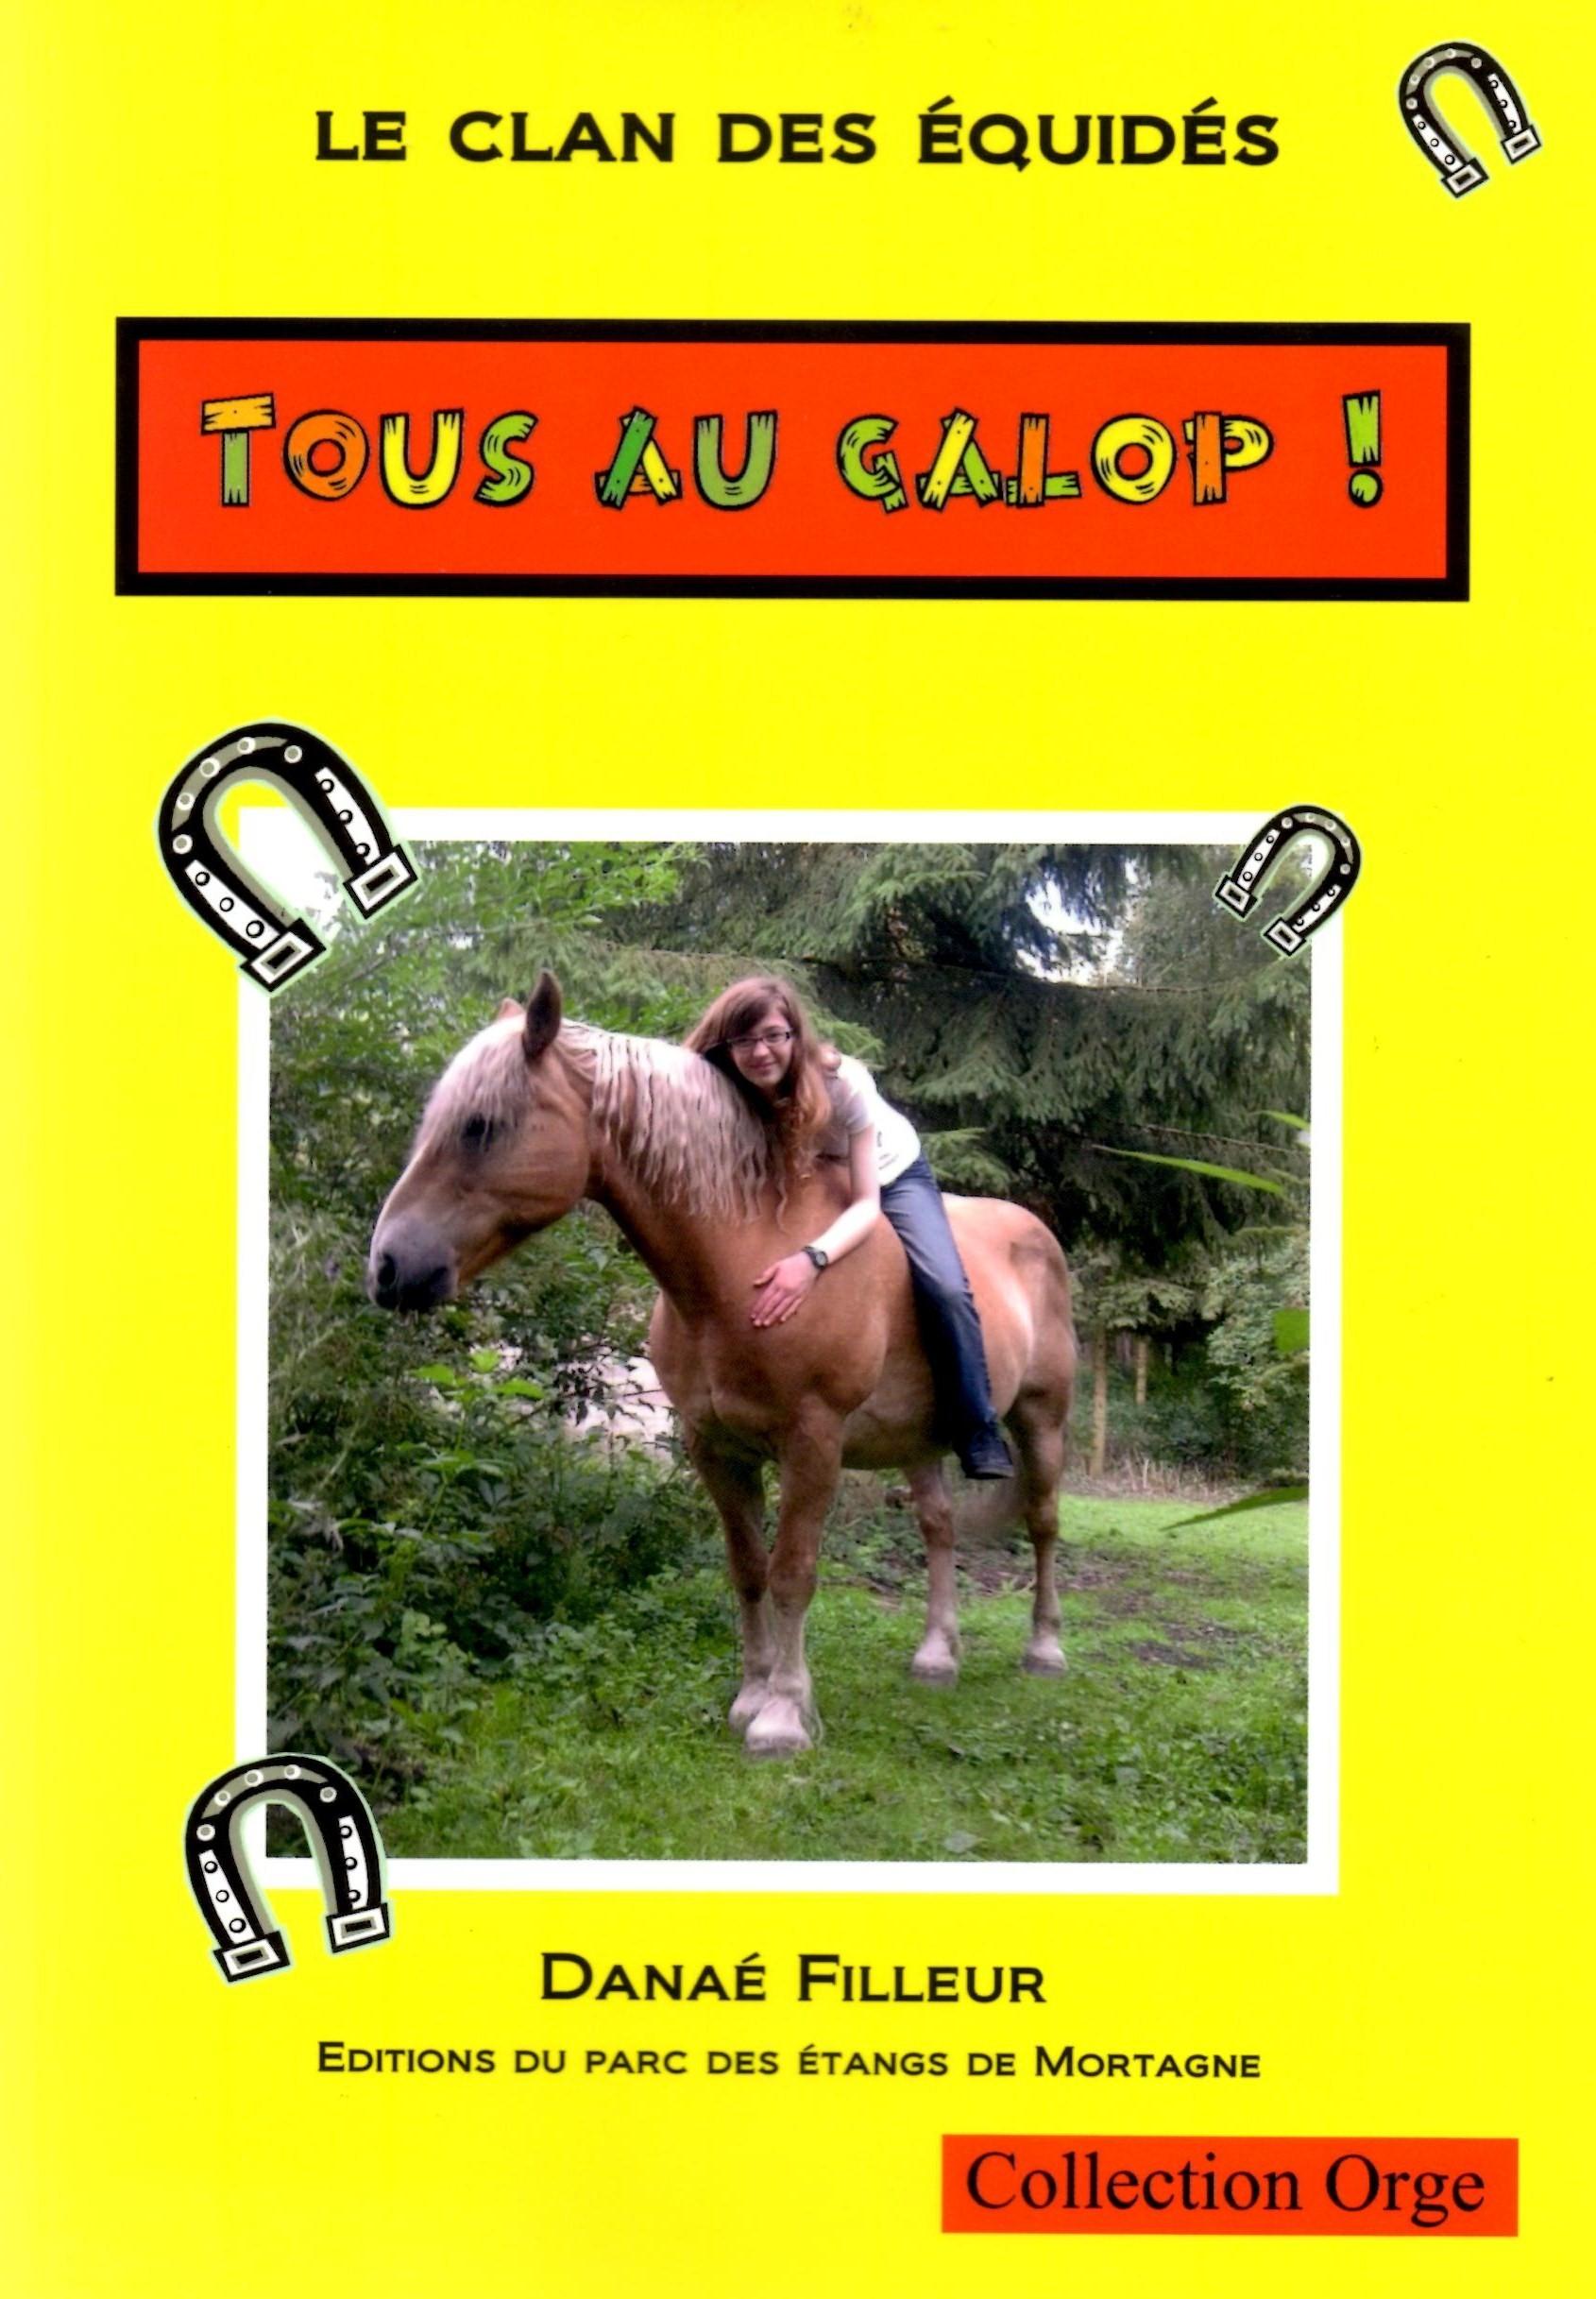 LE CLAN DES EQUIDES, TOUS AU GALOP !